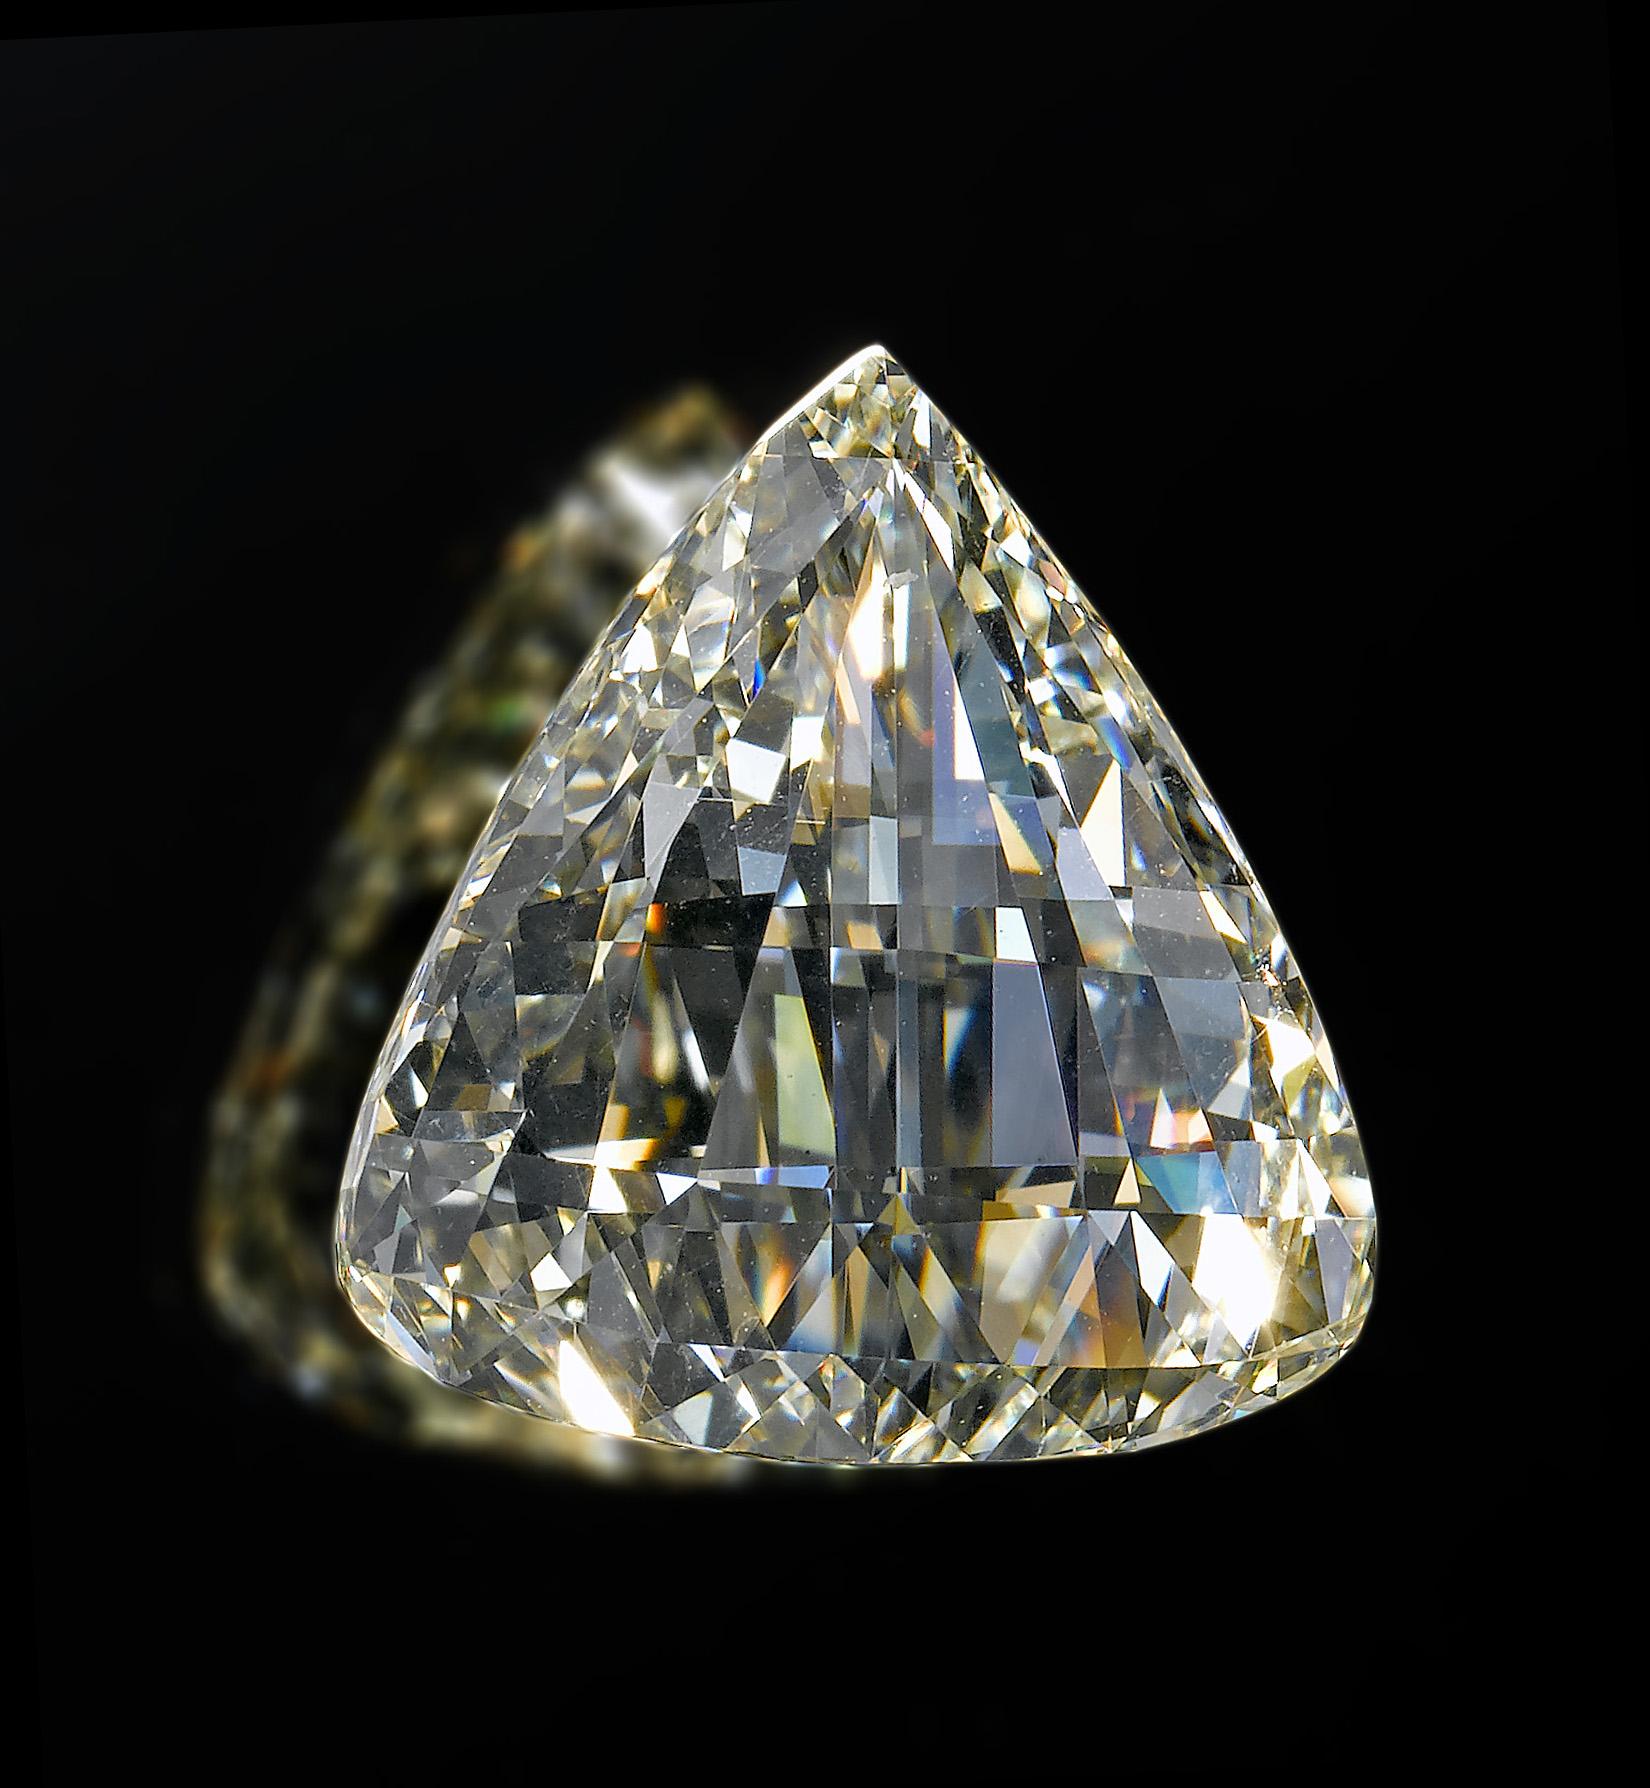 Sea Shell Diamant - mit freunlicher Genehmigung von Ph. Hahn